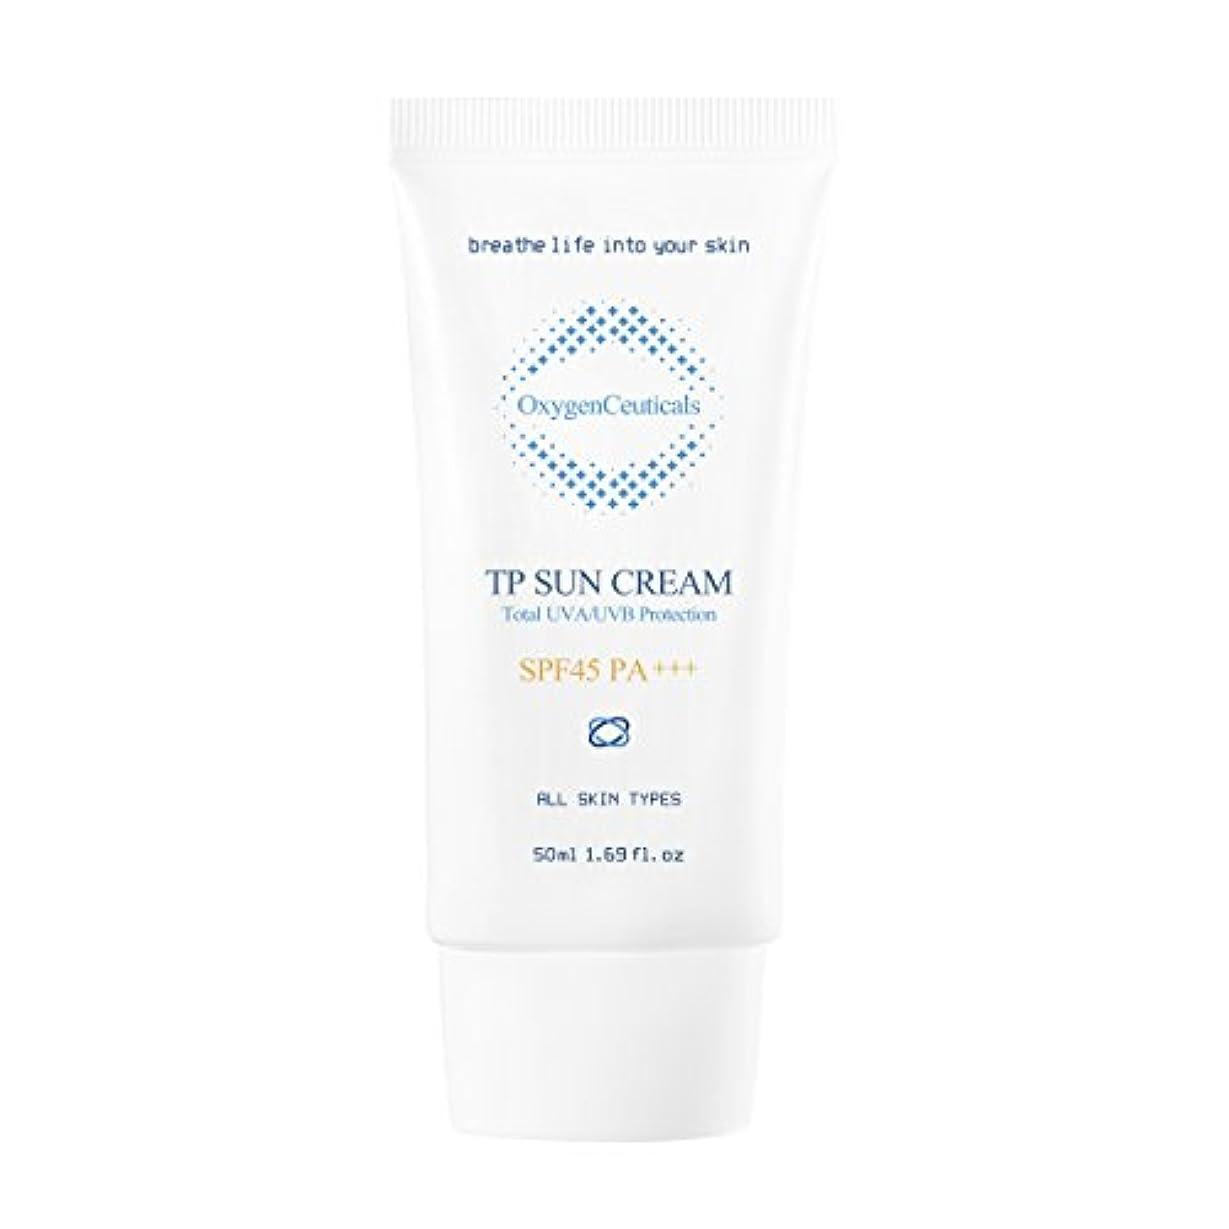 欠乏ひいきにする矩形オキシジェンシューティカルズ 酸素サンクリーム(保湿日焼け止め) 50ml. TP Sun Cream 50ml. [SPF45 PA+++] X Mask Pack 1p.